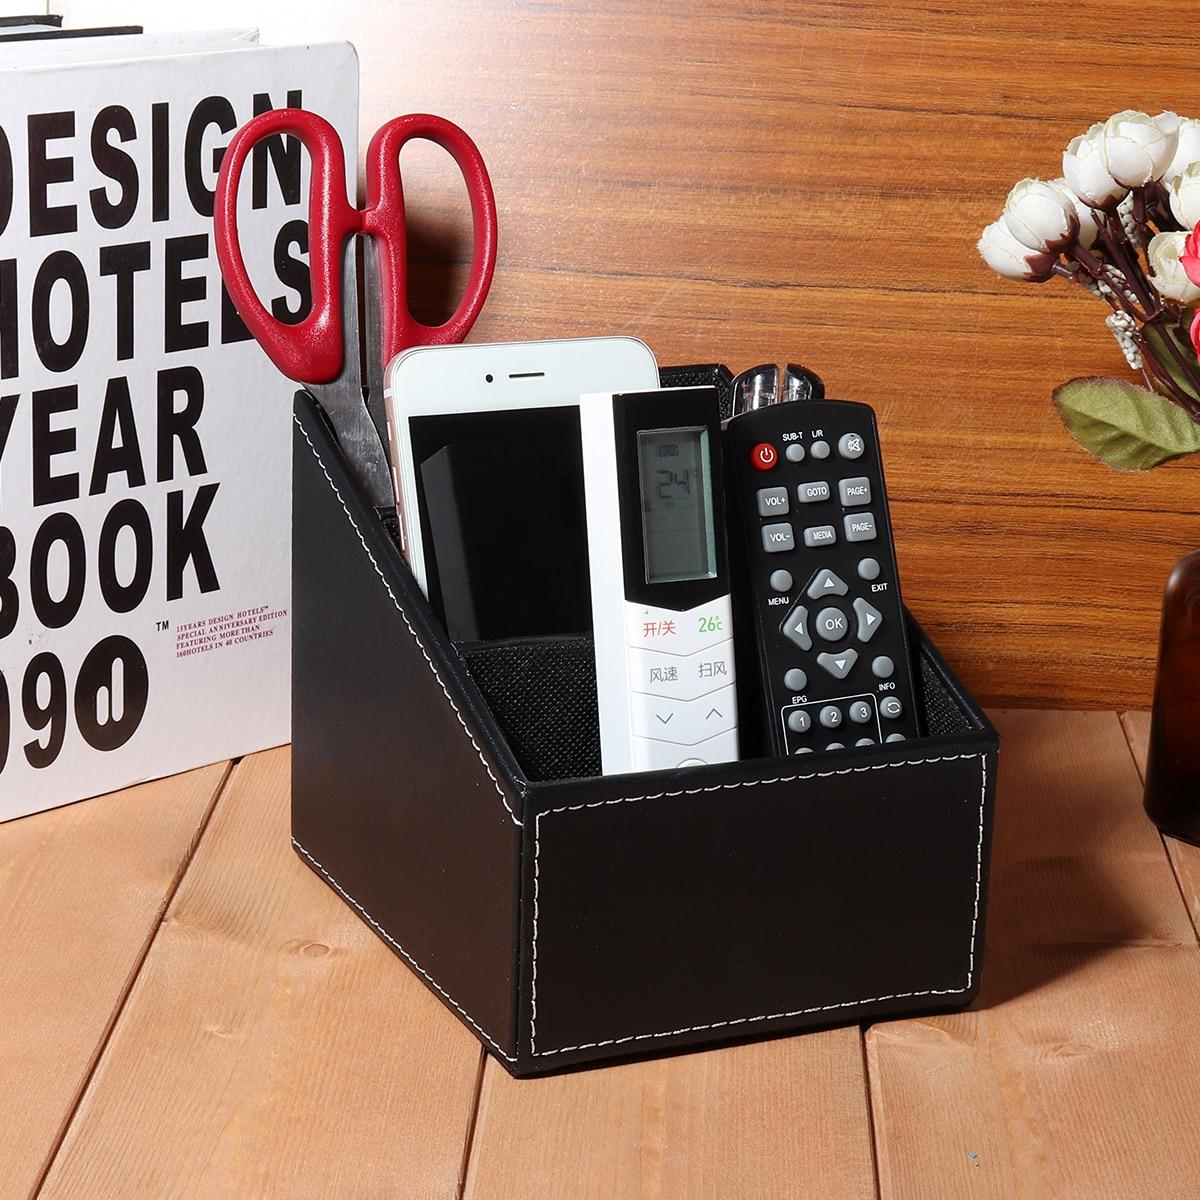 Organizador de teléfono de escritorio de cuero PU con Control remoto para TV caja de almacenamiento de artículos diversos para oficina en casa caja organizadora de escritorio